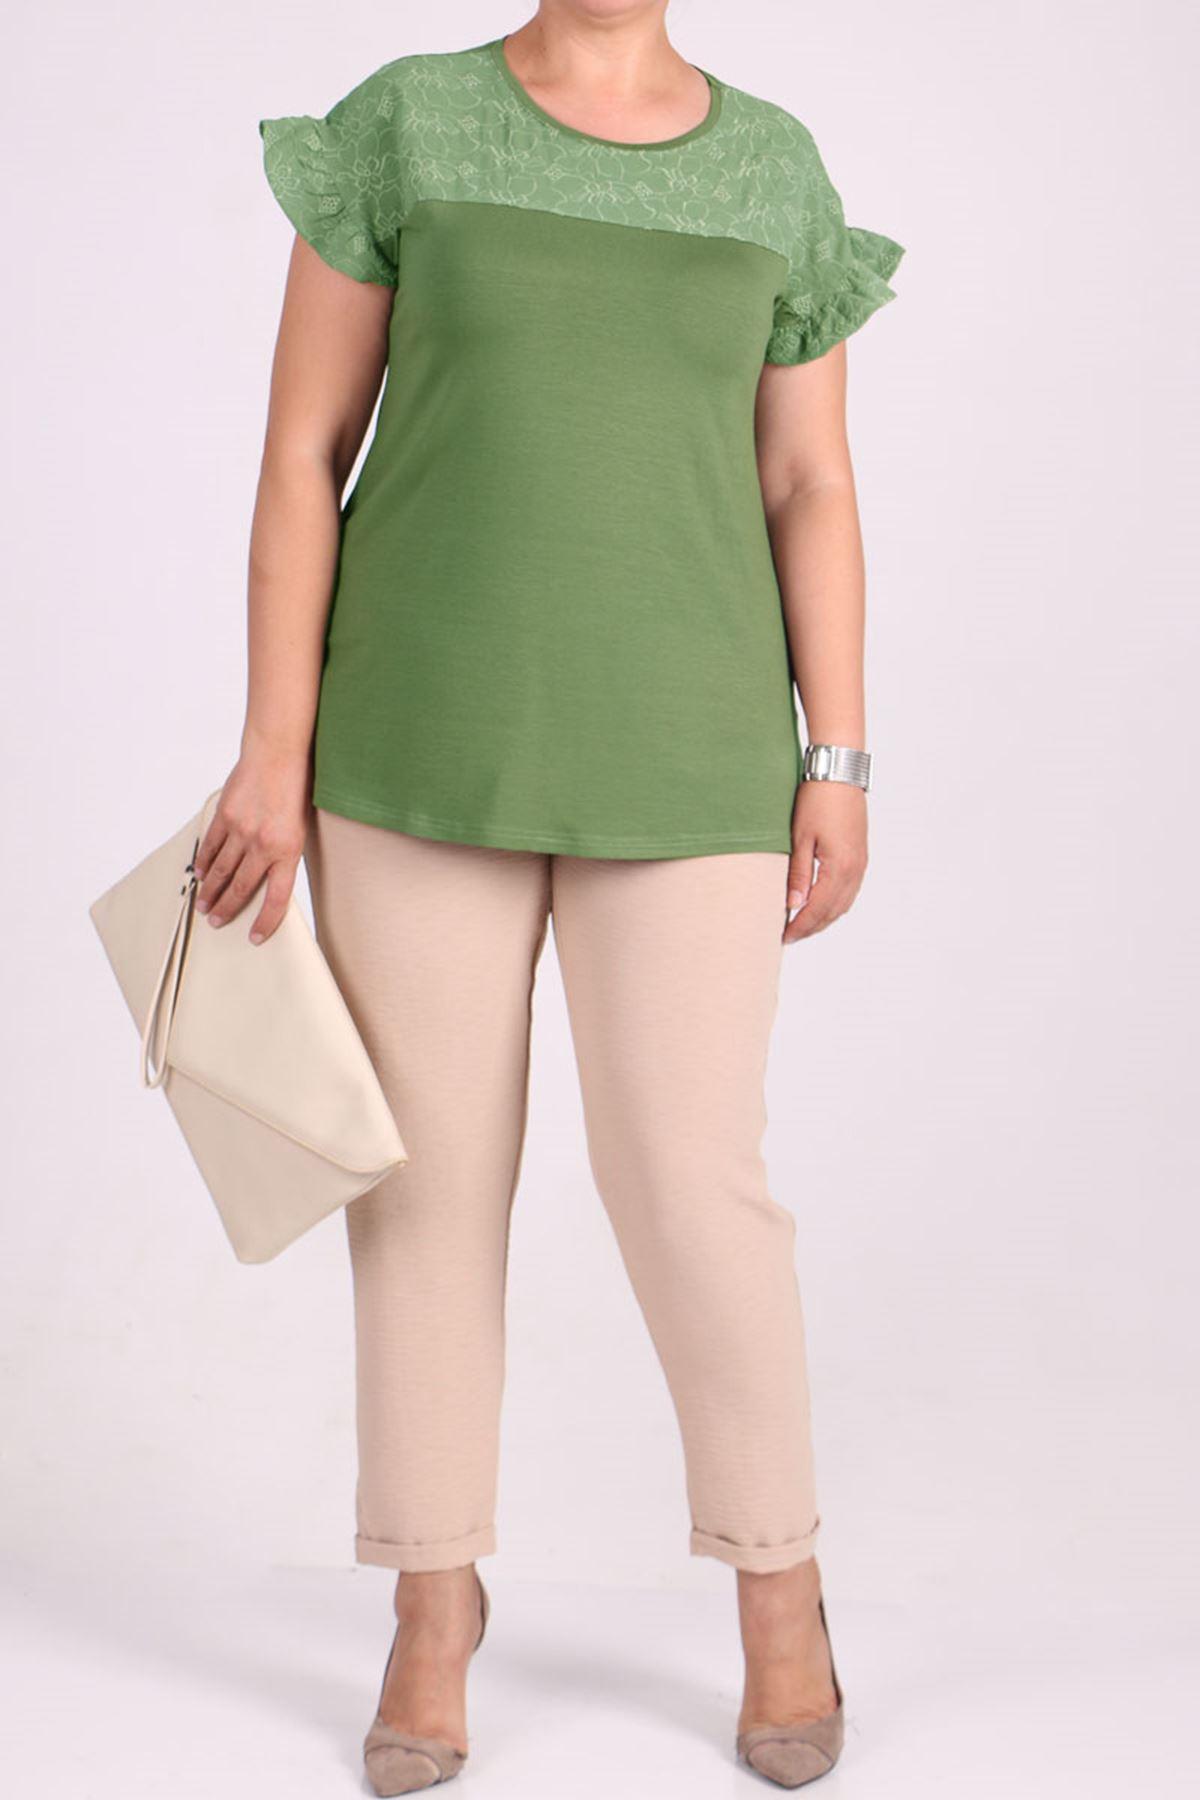 8536 Büyük Beden Penye Nakış Detaylı Tişört - Yeşil